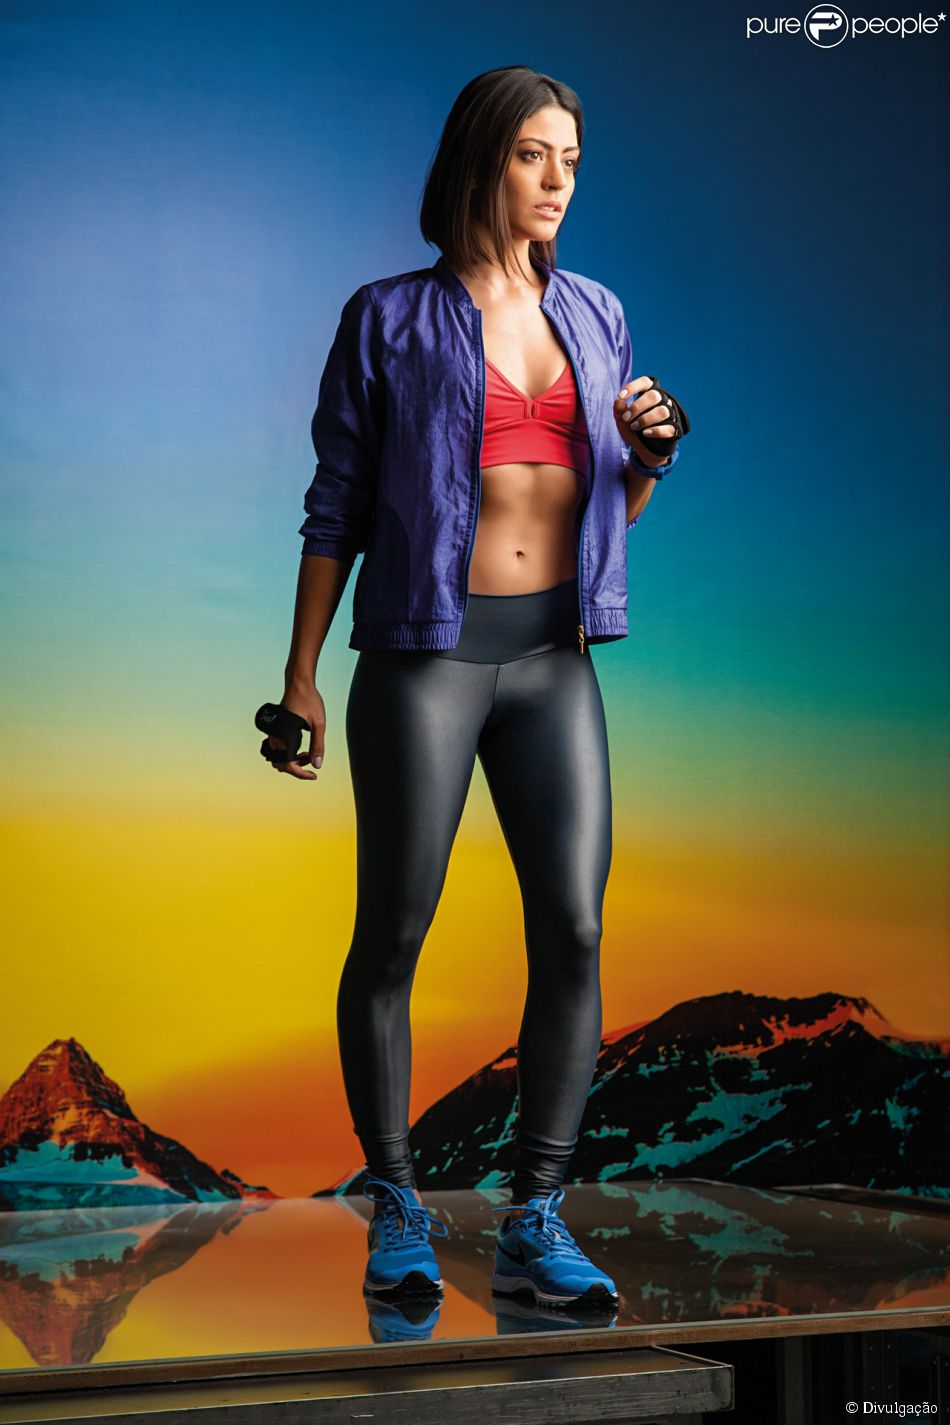 Carol Castro estrela campanha de moda fitness e mostra boa forma 28 de abril de 2014